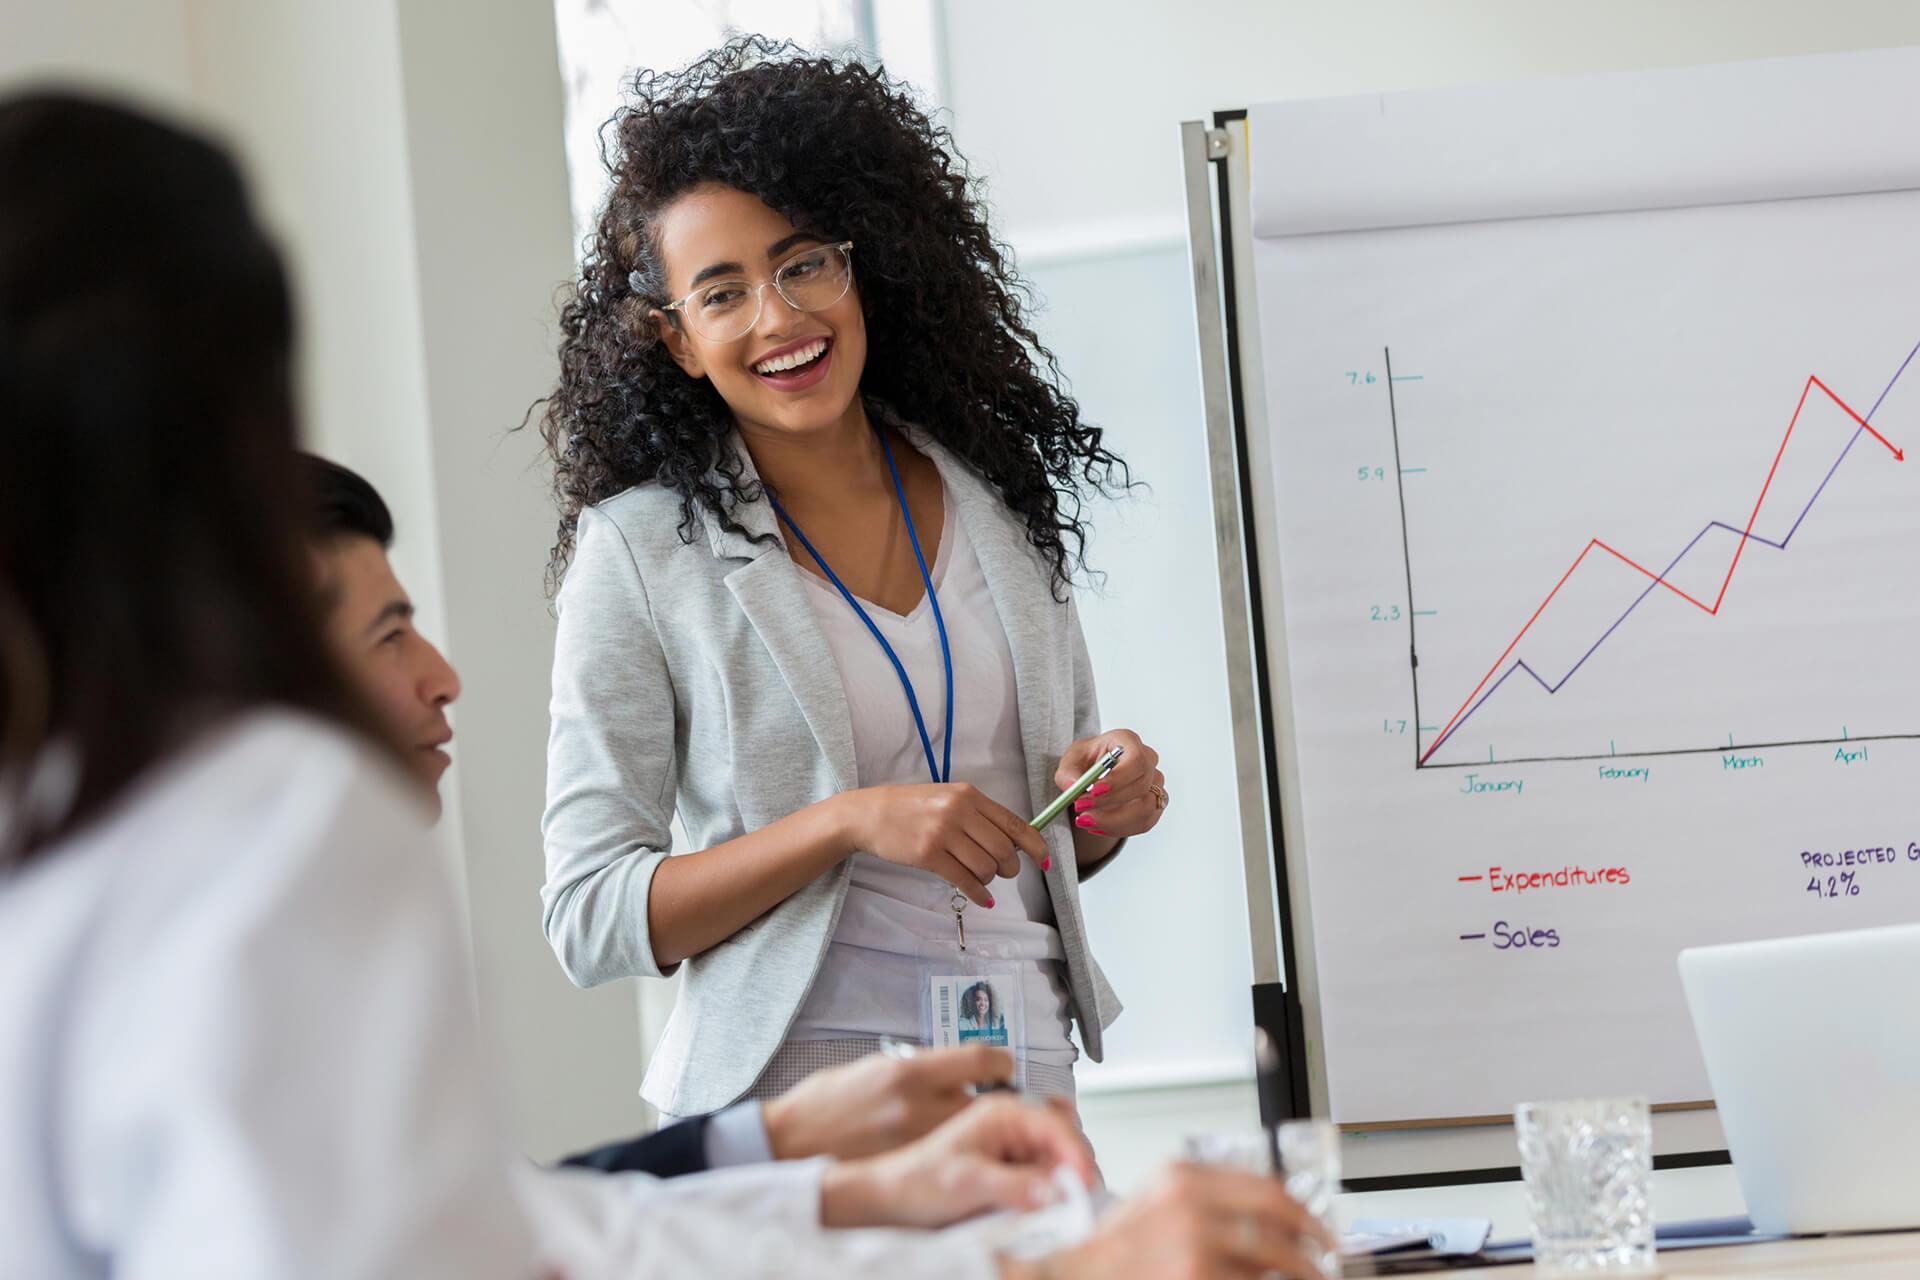 O que é Inbound Sales e como ele pode alavancar seu negócio